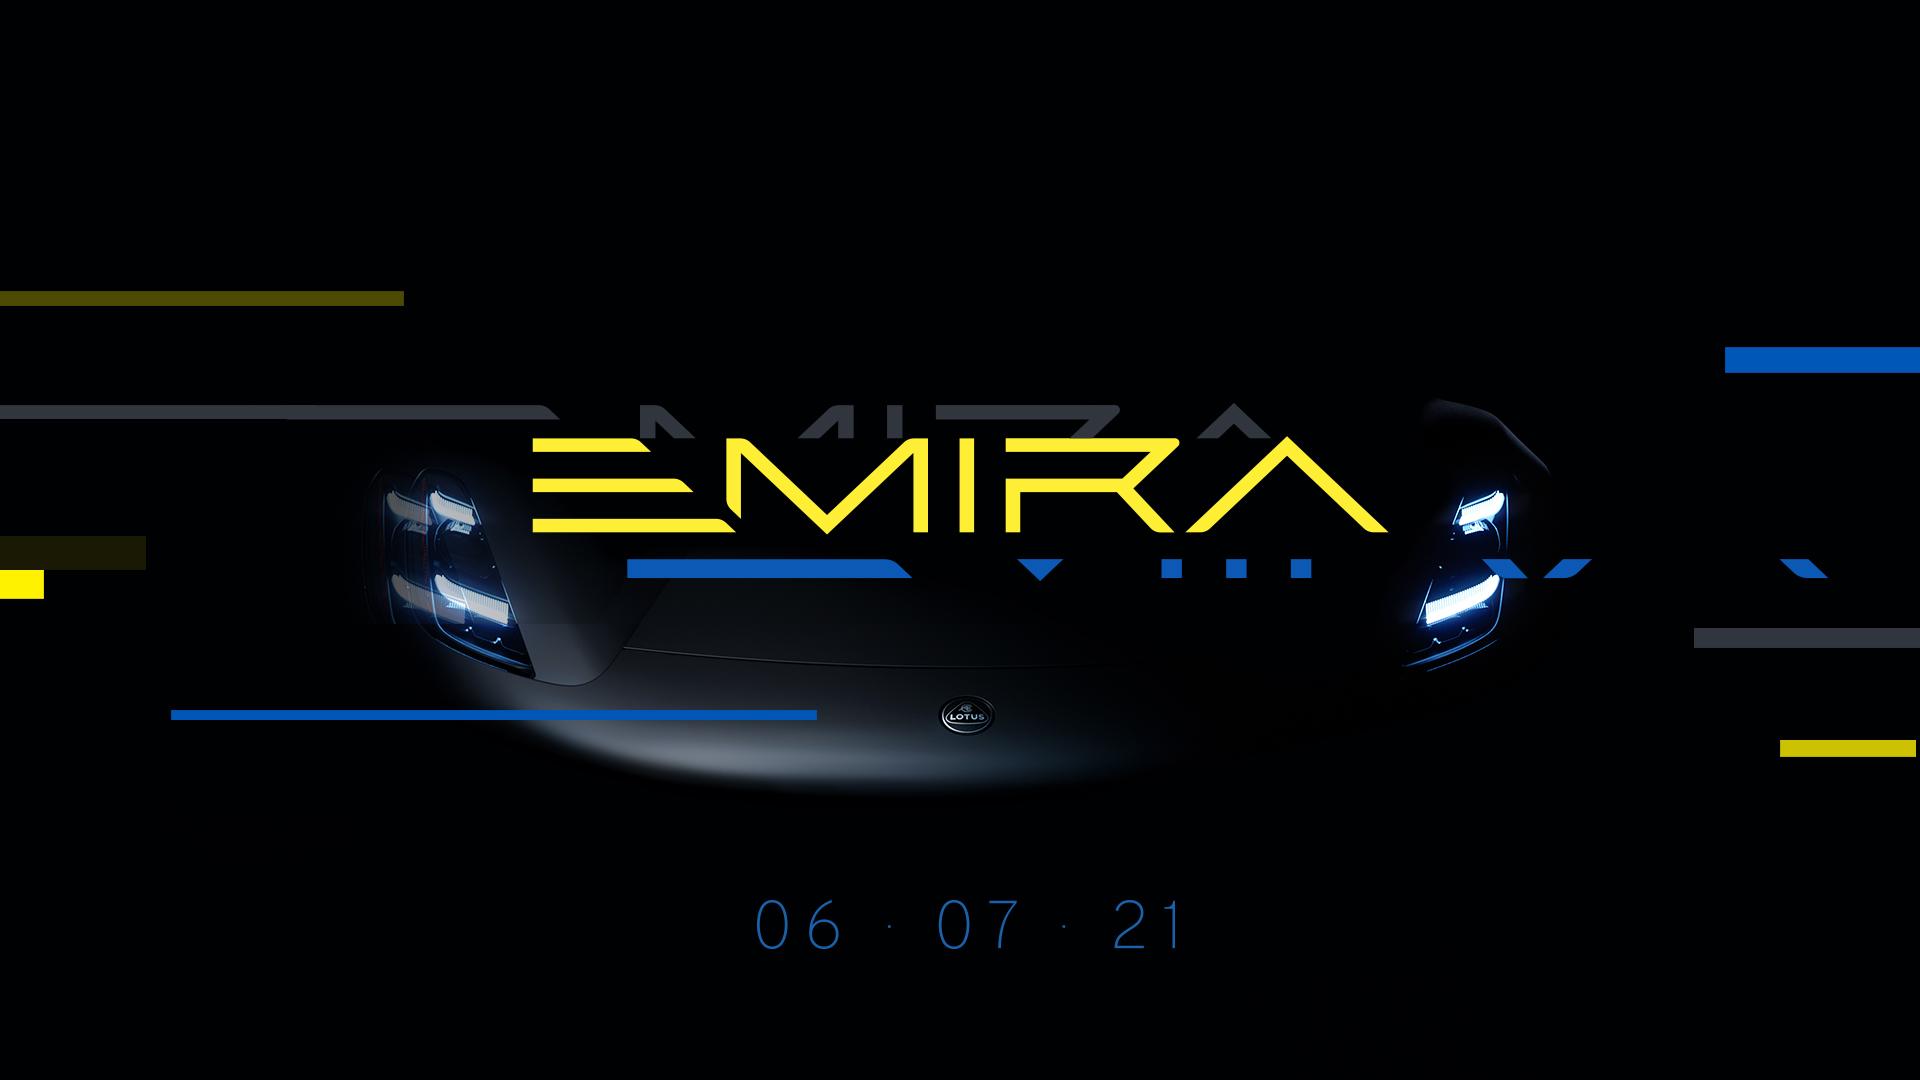 لوتس تؤكد أن إميرا هو اسم سيارتها الرياضية الجديدة